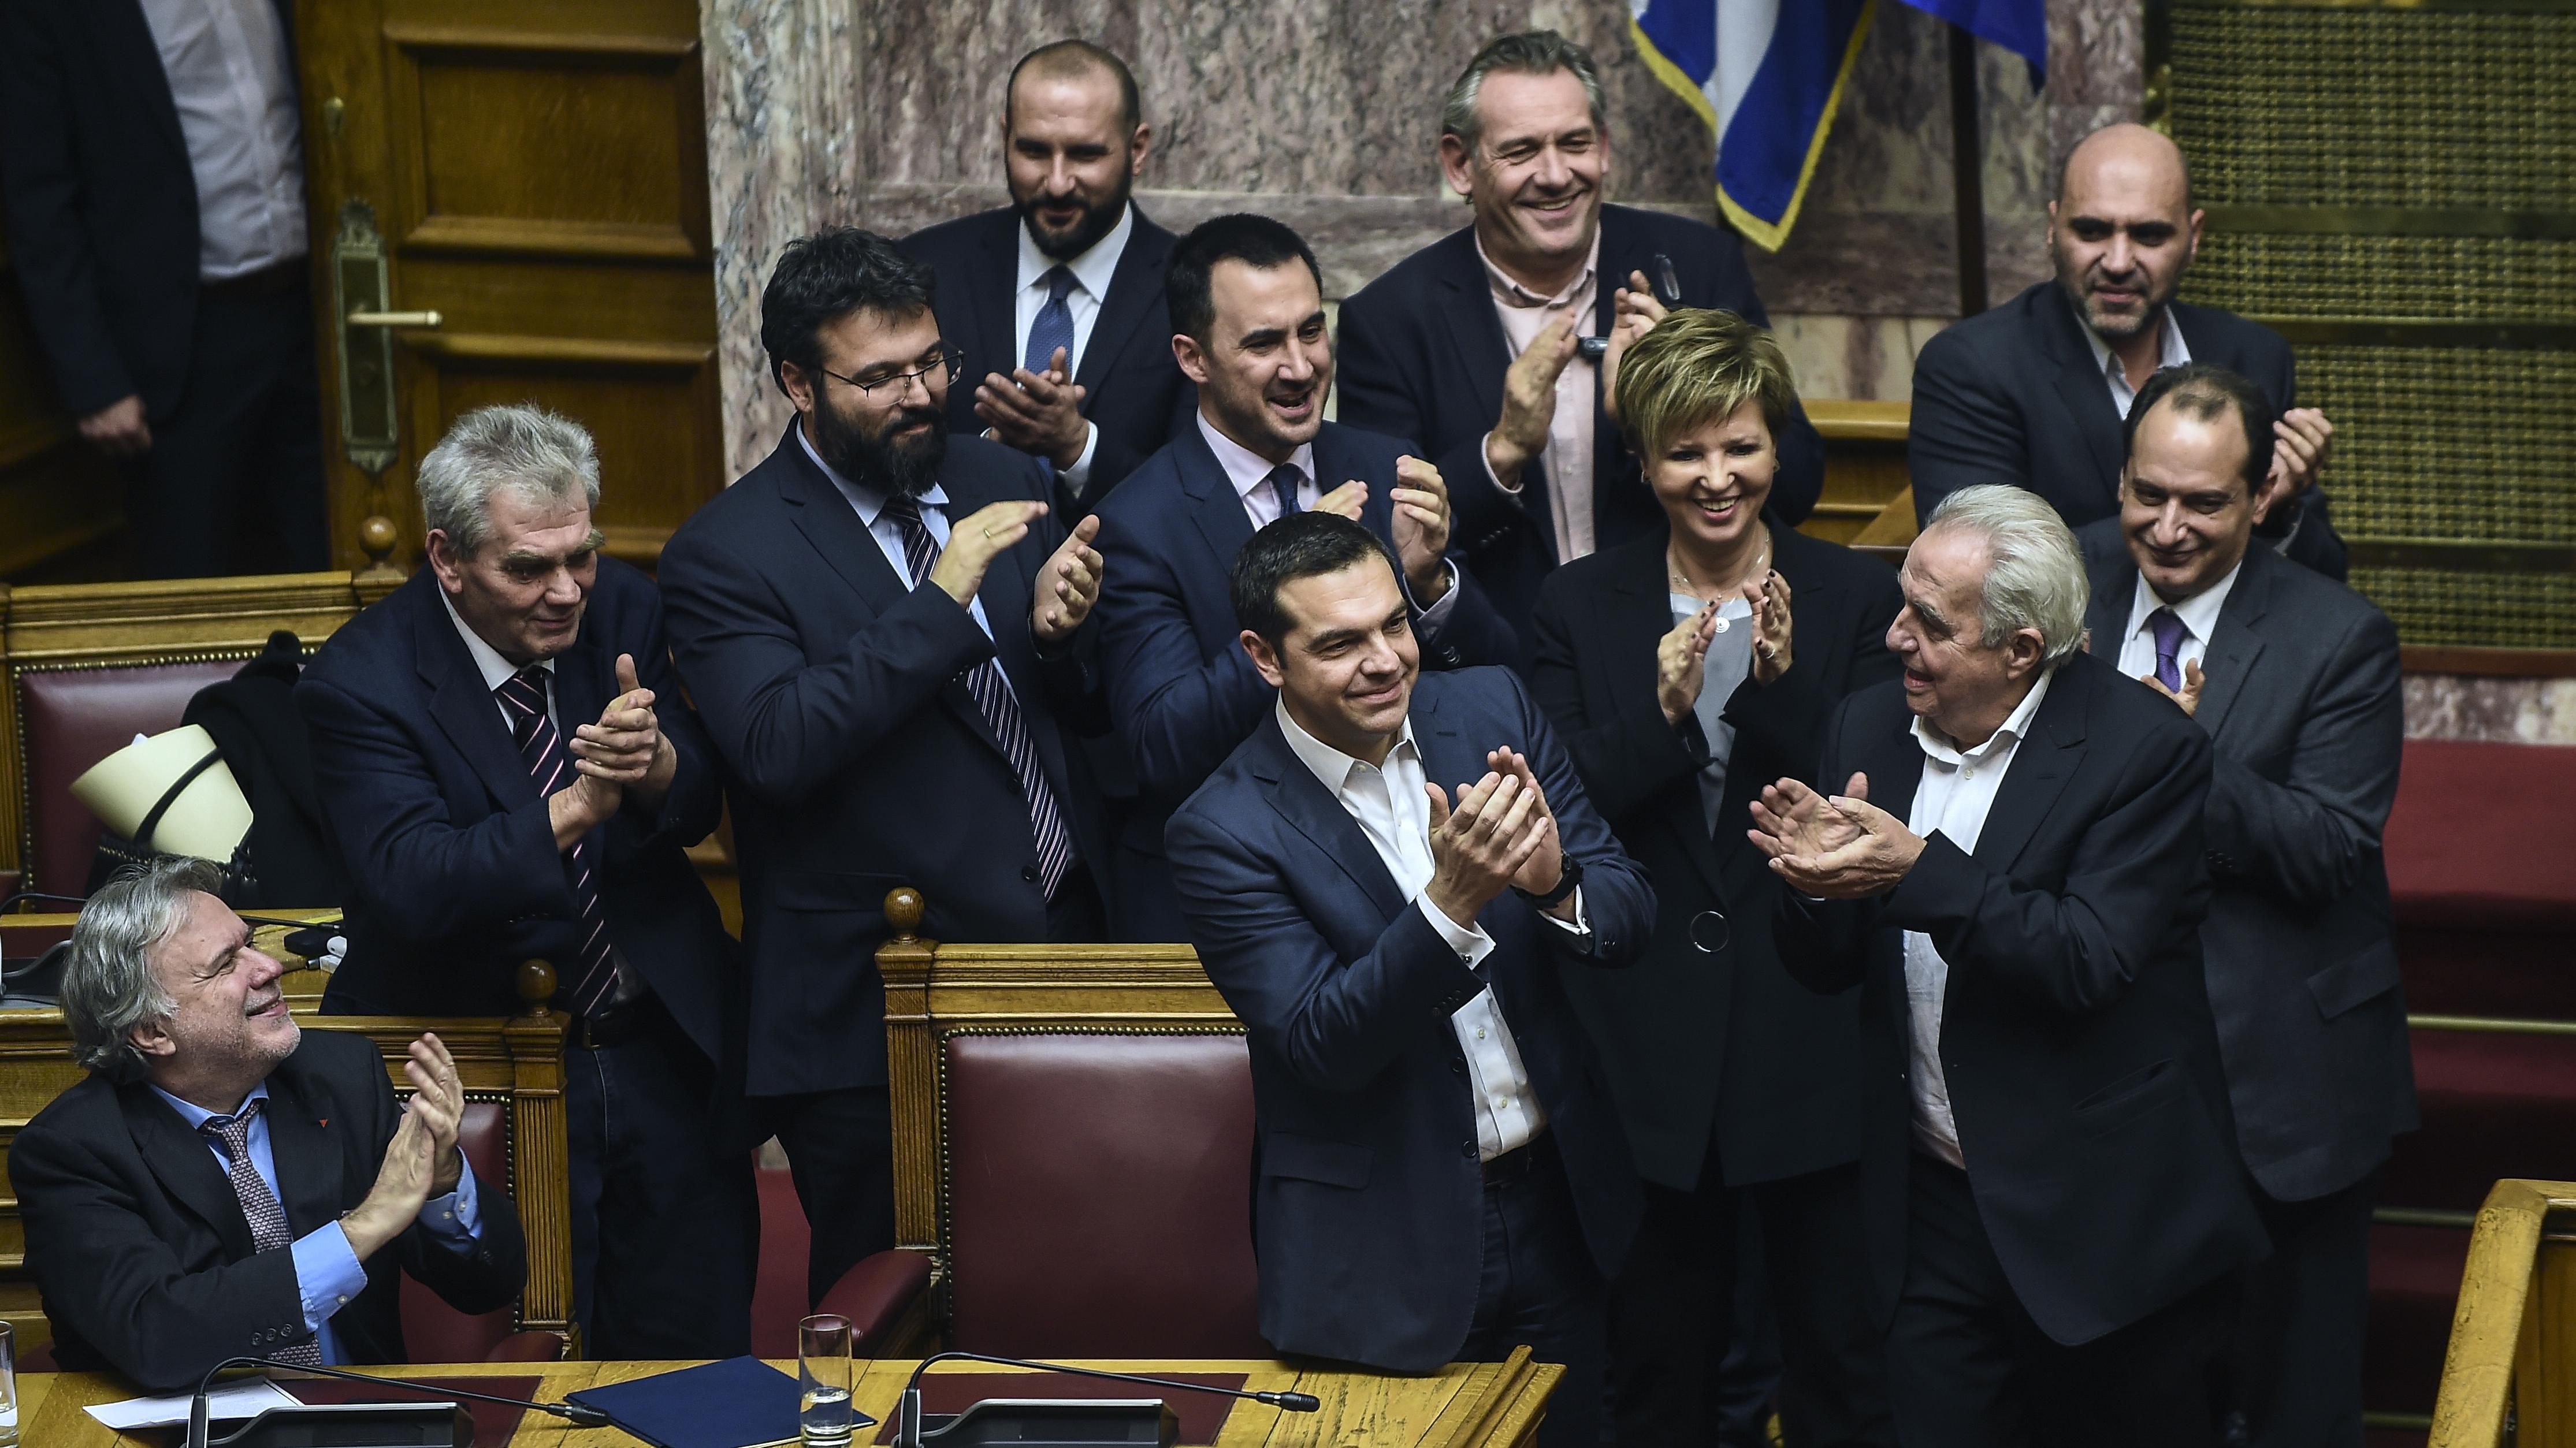 Der griechische Ministerpräsident Alexis Tsipras und die Minister seiner Regierung klatschen während einer Parlamentssitzung, nachdem ihm die Parlamentarier das Vertrauen ausgesprochen haben.